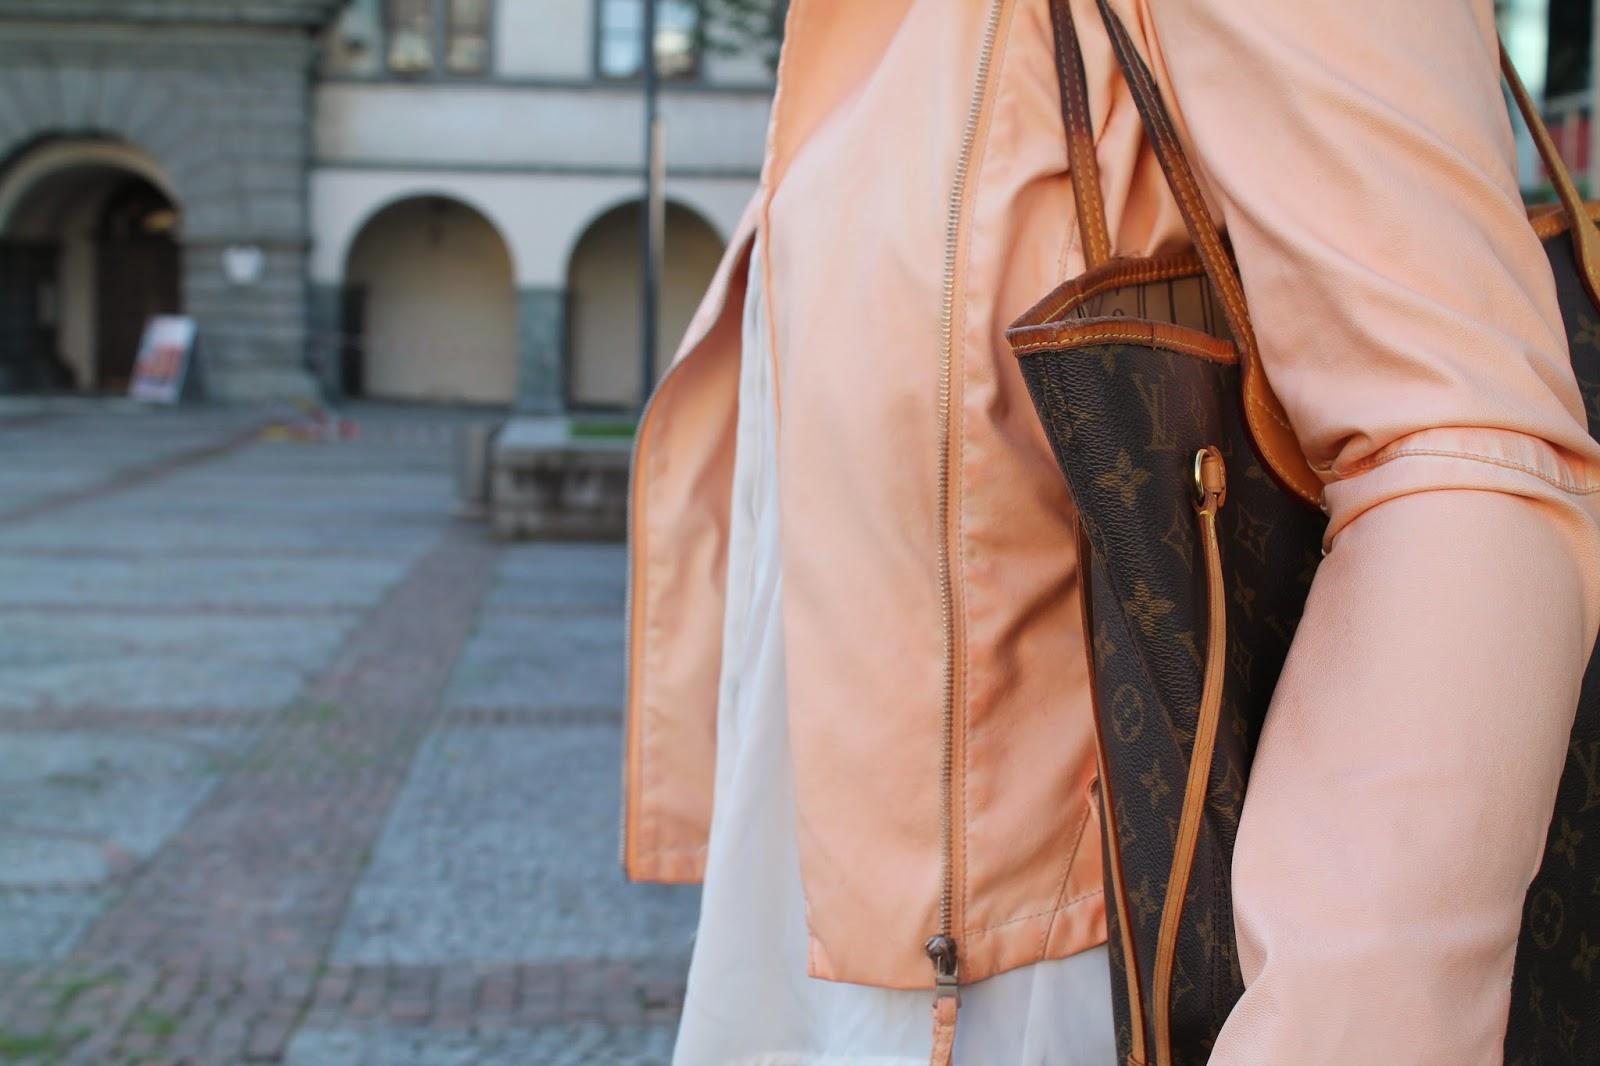 Fashionblogger Austria / Österreich / Deutsch / German / Kärnten / Carinthia / Klagenfurt / Köttmannsdorf / Spring Look / Classy / Edgy / Summer / Summer Style 2014 / Summer Look / Fashionista Look / Apricot Jacket / Peach Leather Jacket / Levis Jeans / Louis Vuitton Neverfull MC / Zara Statement Necklace /